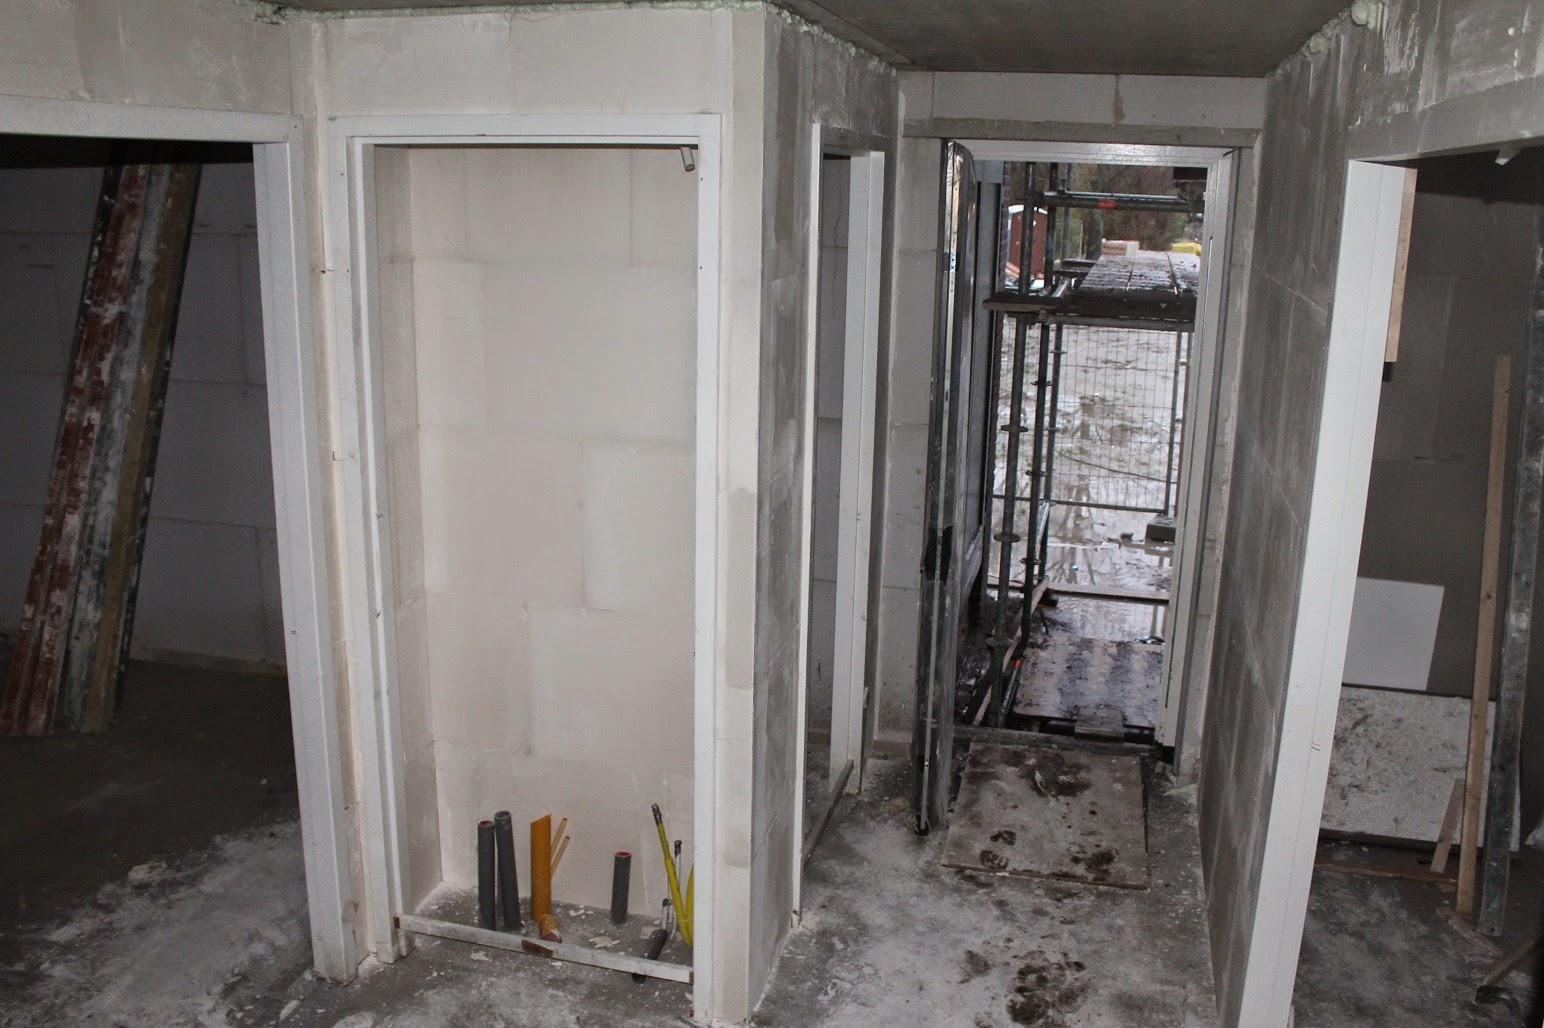 Helen marc & olivia bouwen een huis: nog meer binnenwanden